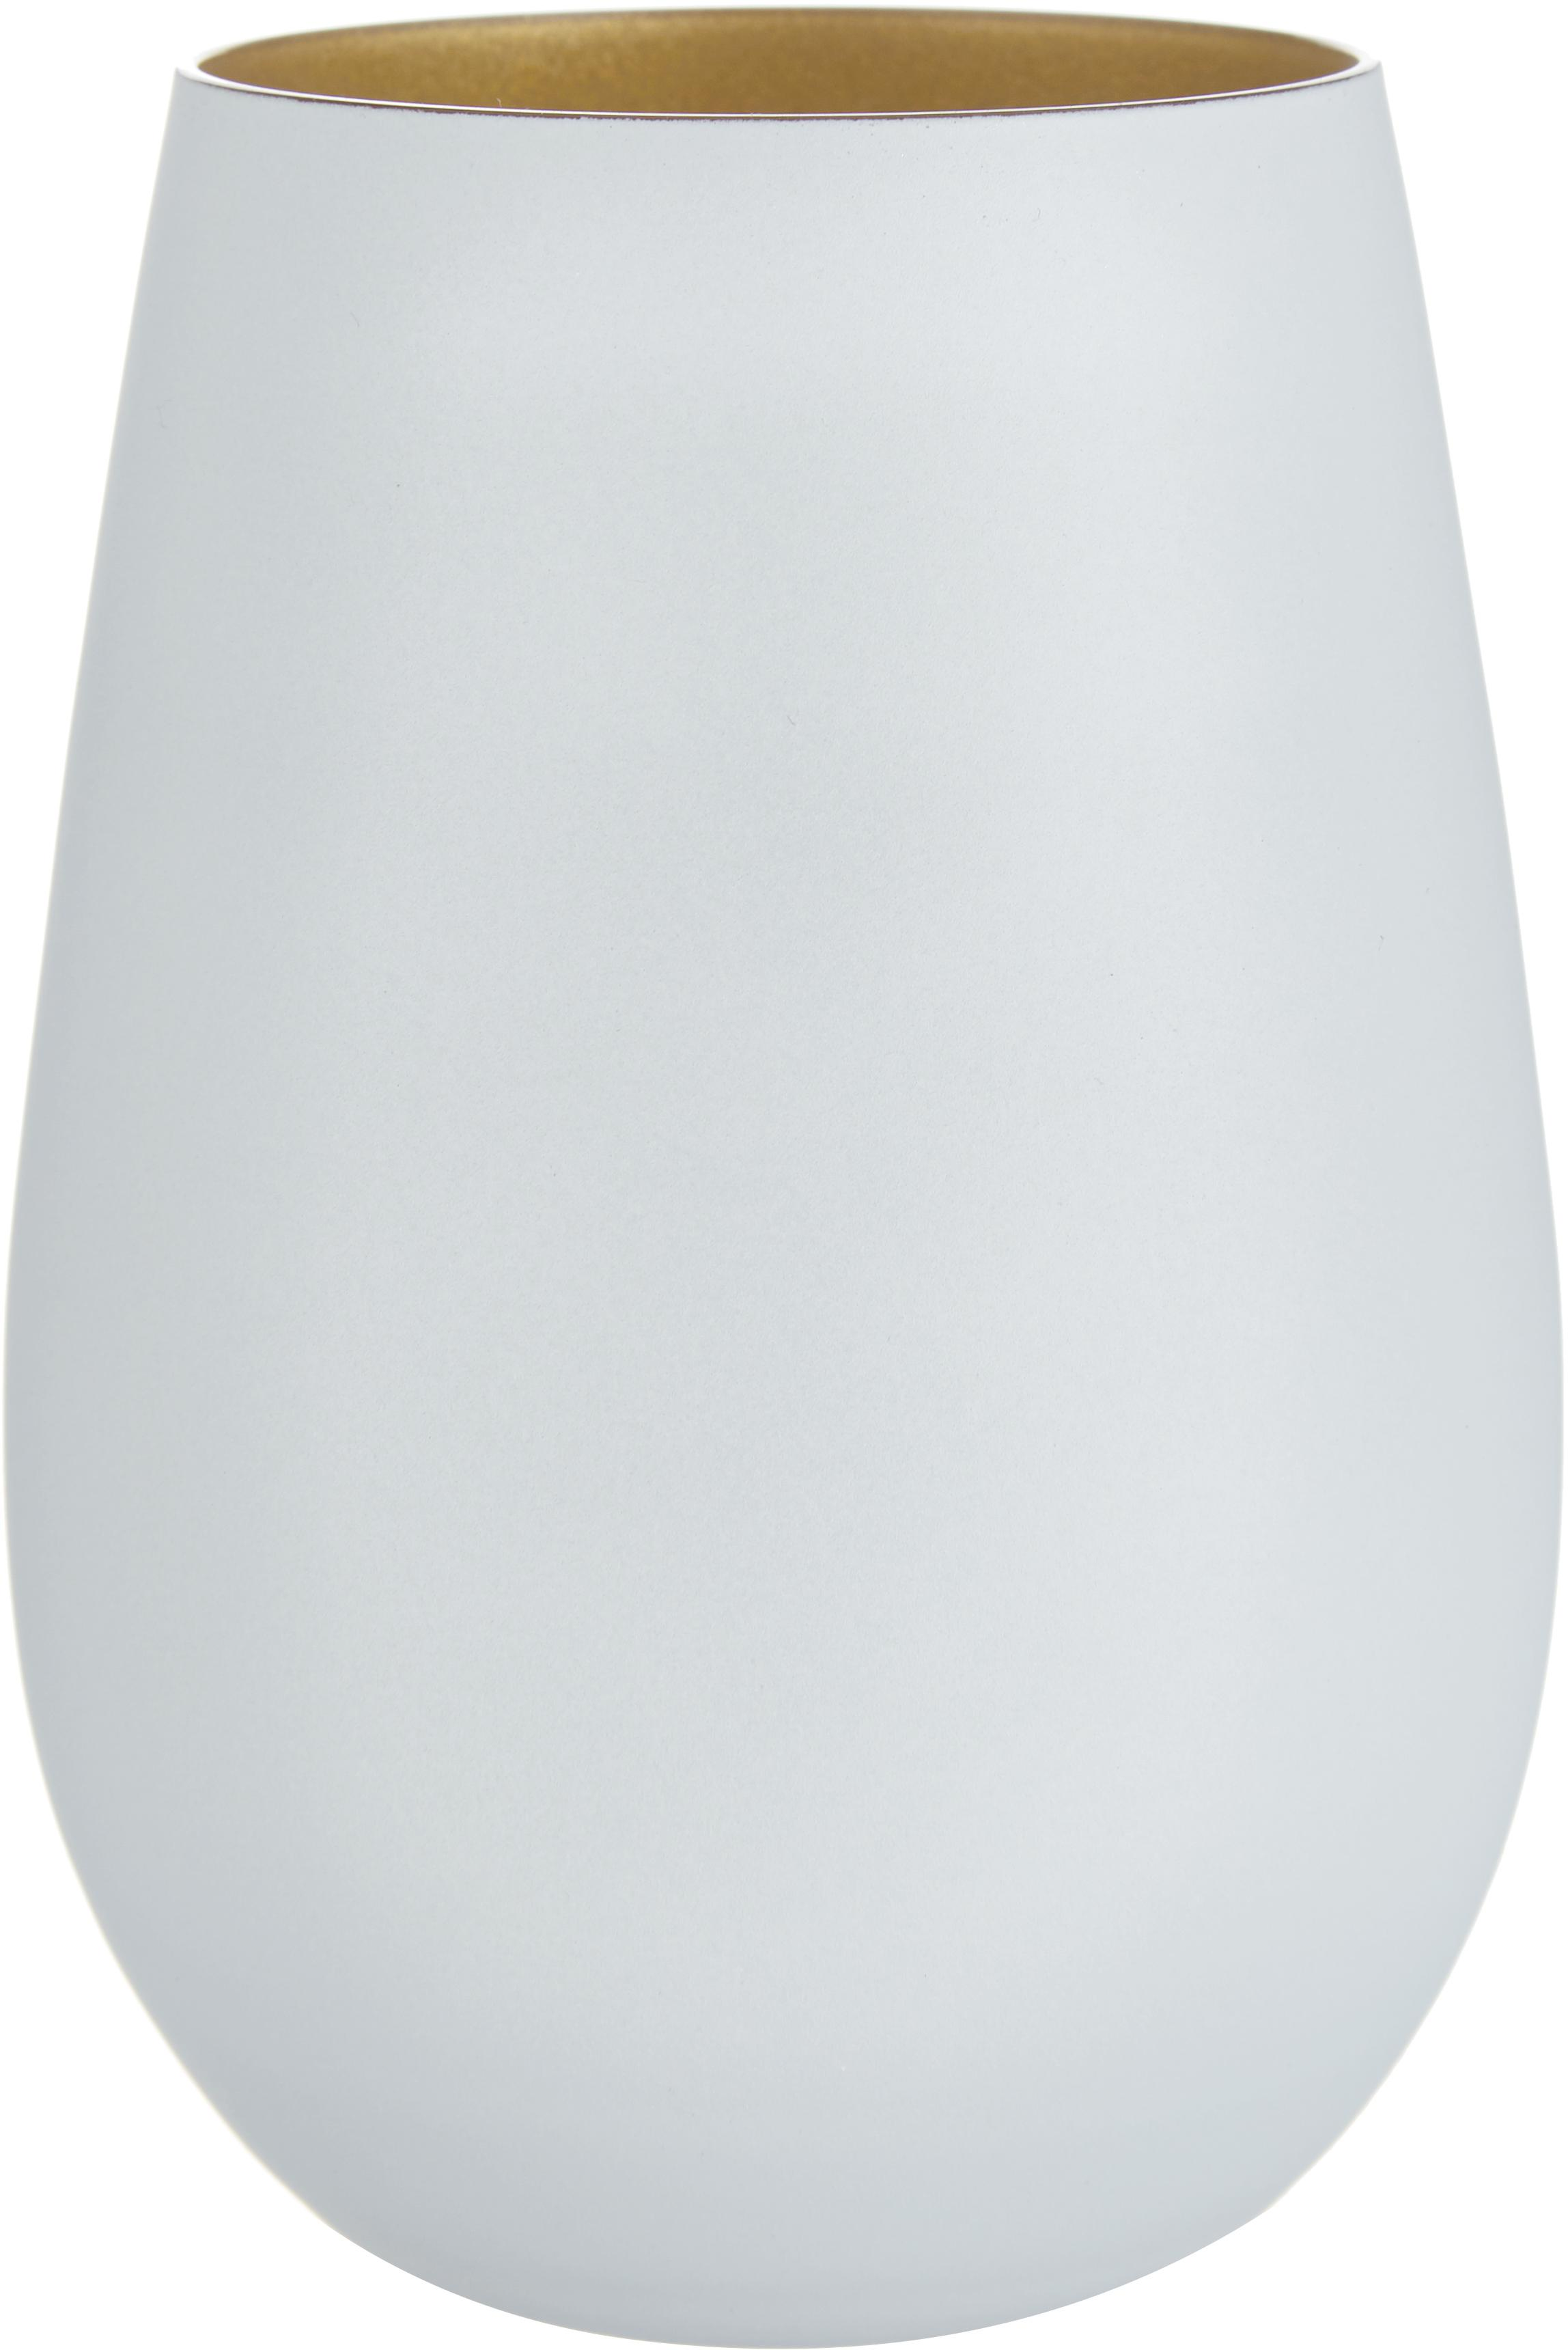 Kryształowa szklanka do koktajli Elements, 6 szt., Szkło kryształowe, powlekany, Biały, odcienie mosiądzu, Ø 9 x W 12 cm